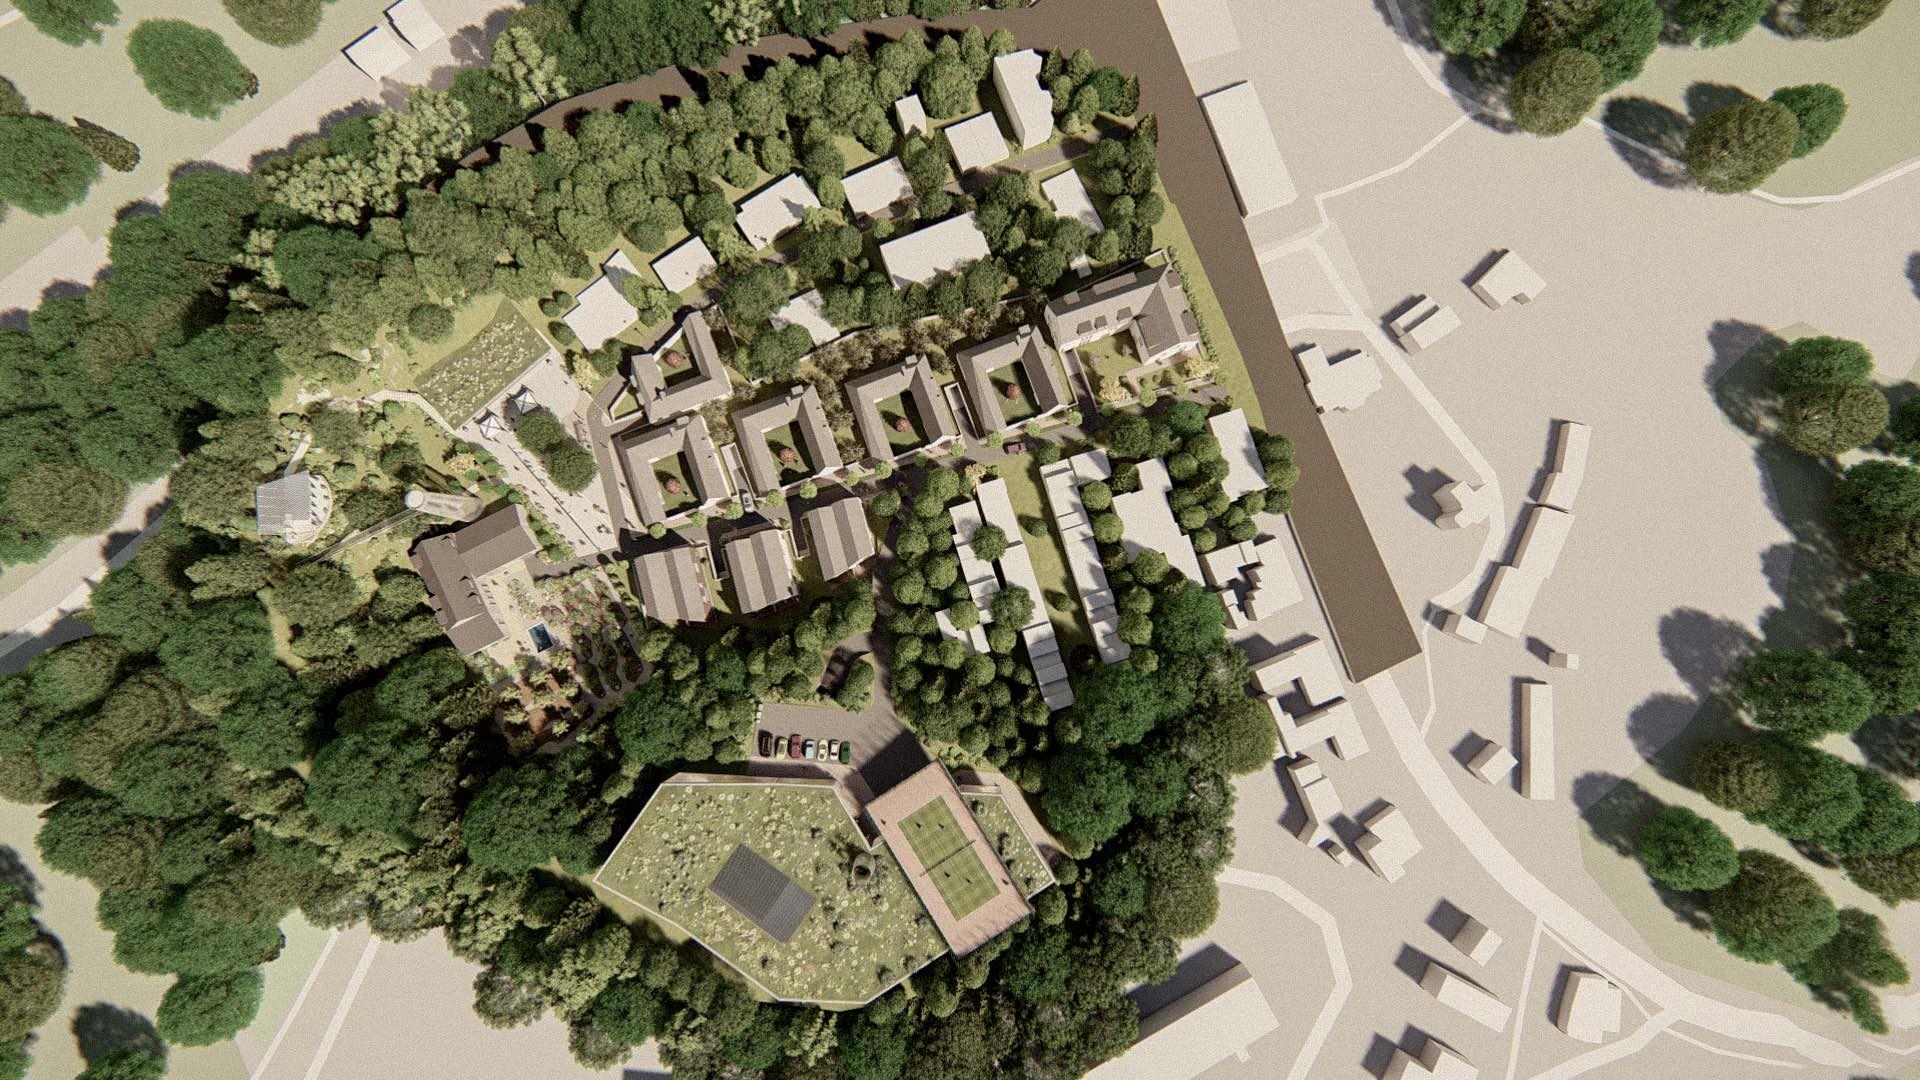 Vizualizace rezidenčního komplexu Rezidence Jenerálka KKCG - ptačí pohled. Autor: Kurz architekti